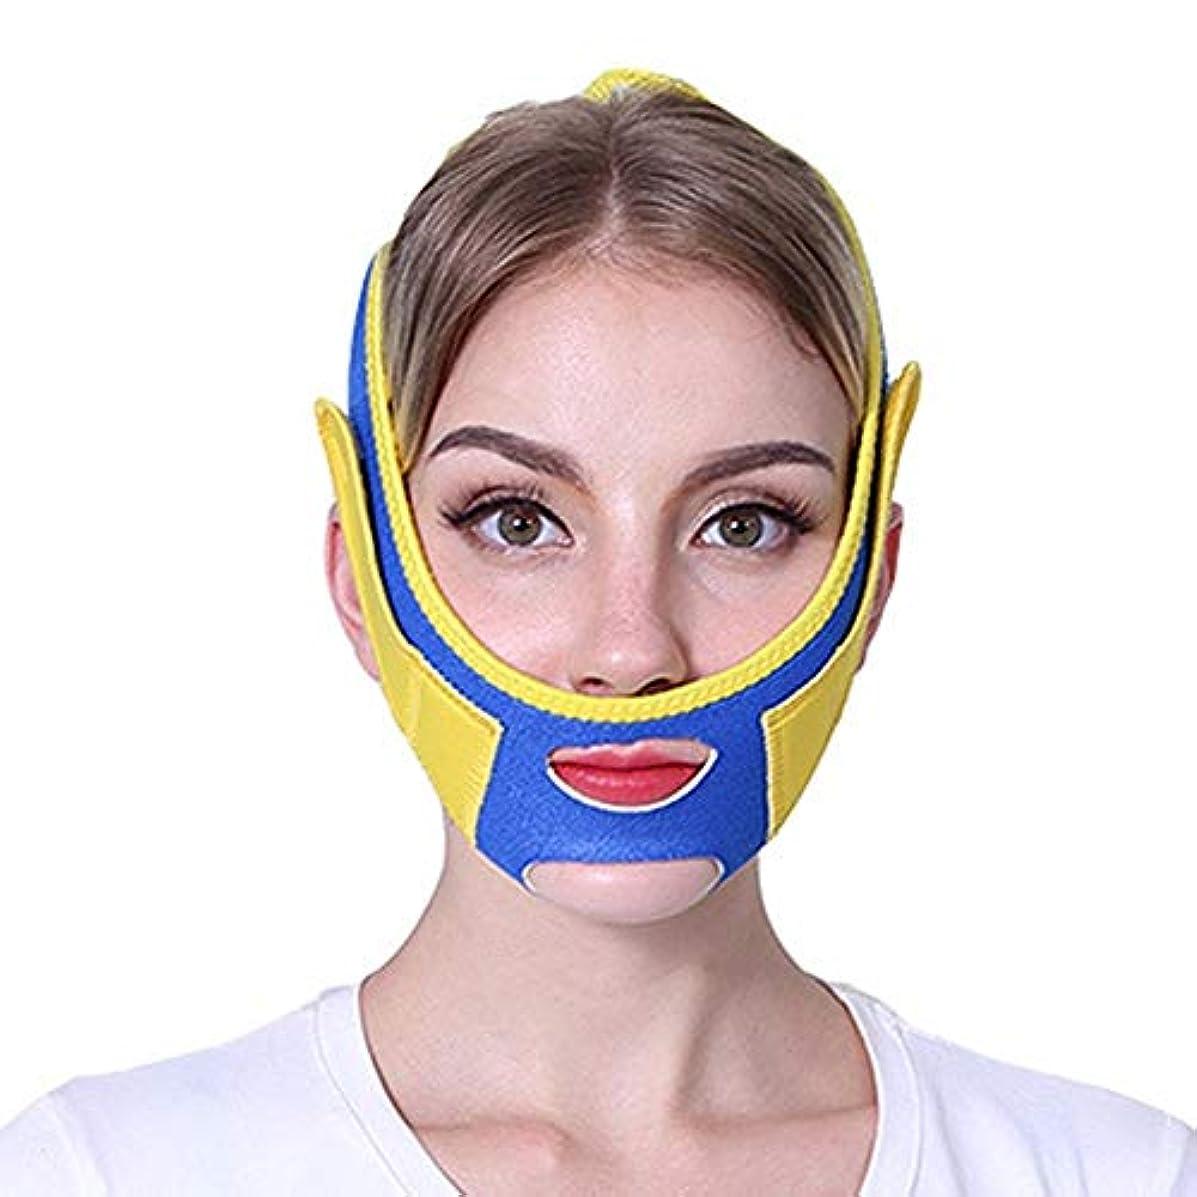 資産ちっちゃい教えてフェイスリフティング包帯、フェイシャルマッサージV字型で肌の弾力性を高め ダブルチンの美容ケアツール (Color : Blue)